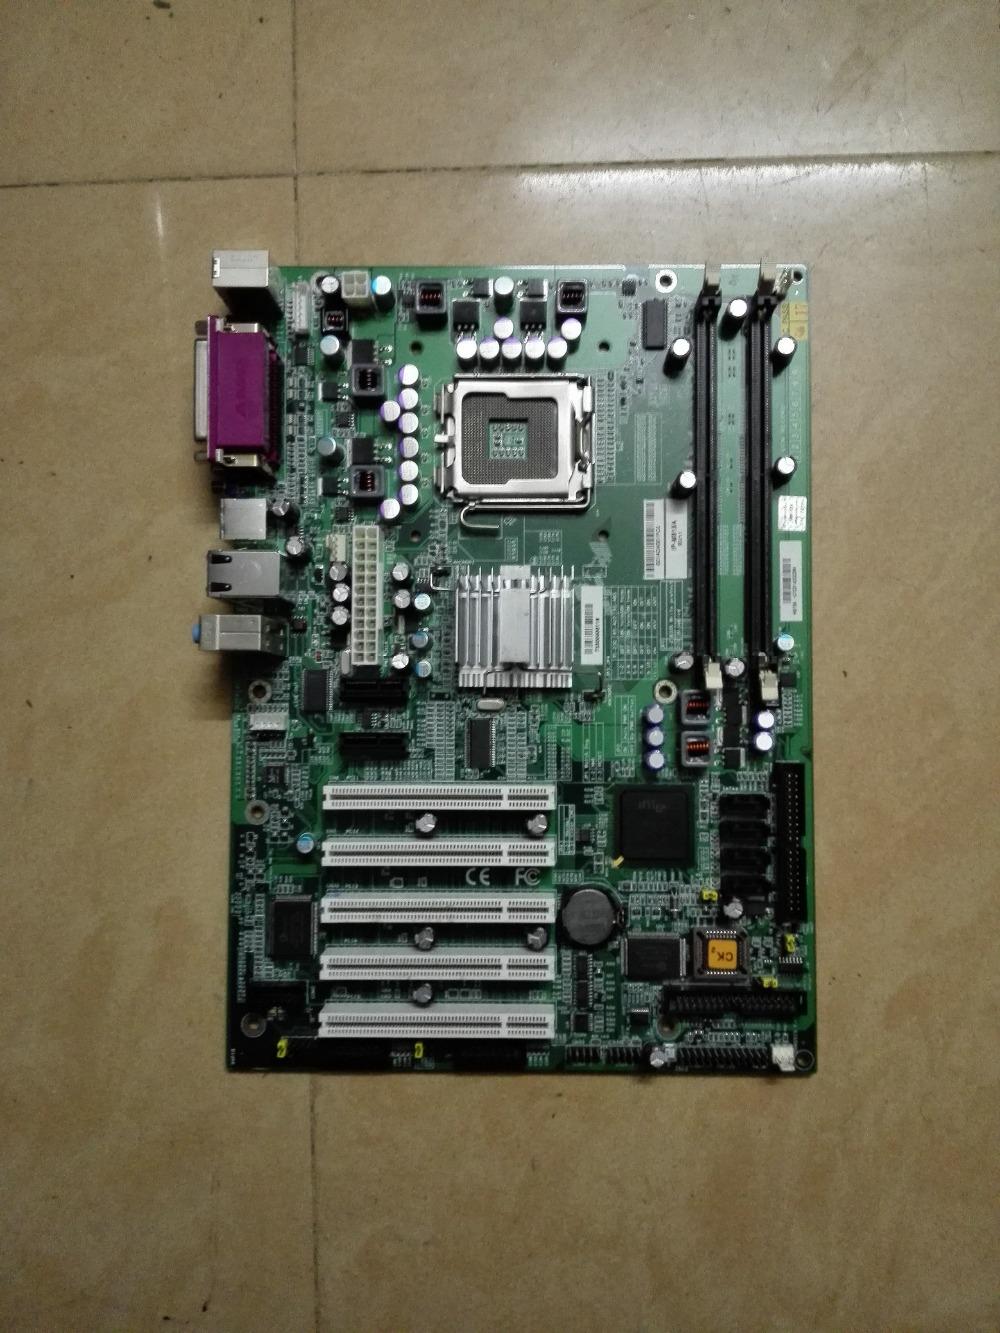 IPOX IPIX IP-M915A REv 1.1 IP-M915A - IPIX IP-M915A Pentium 4/Celeron D Processor ATX.(China (Mainland))